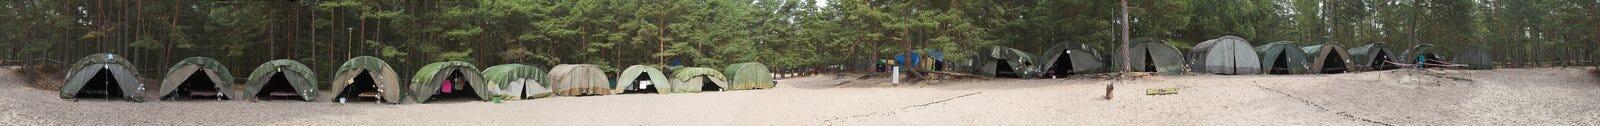 露营地侦察员 免版税库存图片